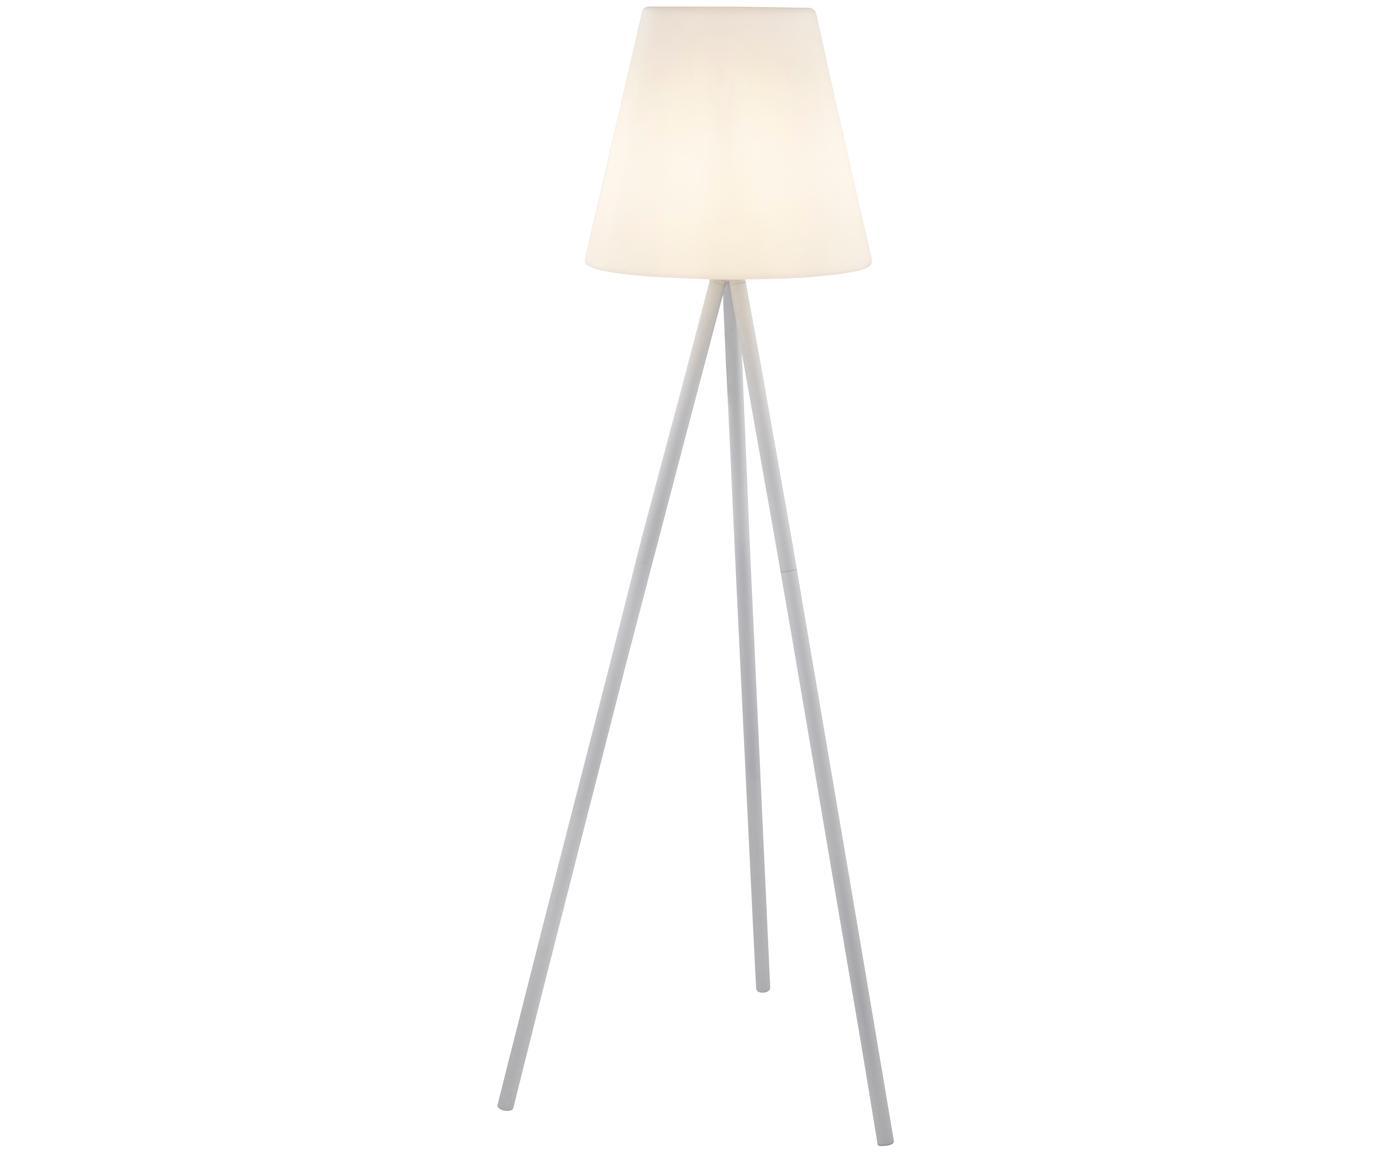 Zewnętrzna lampa podłogowa Wells, Biały, Ø 35 x W 134 cm